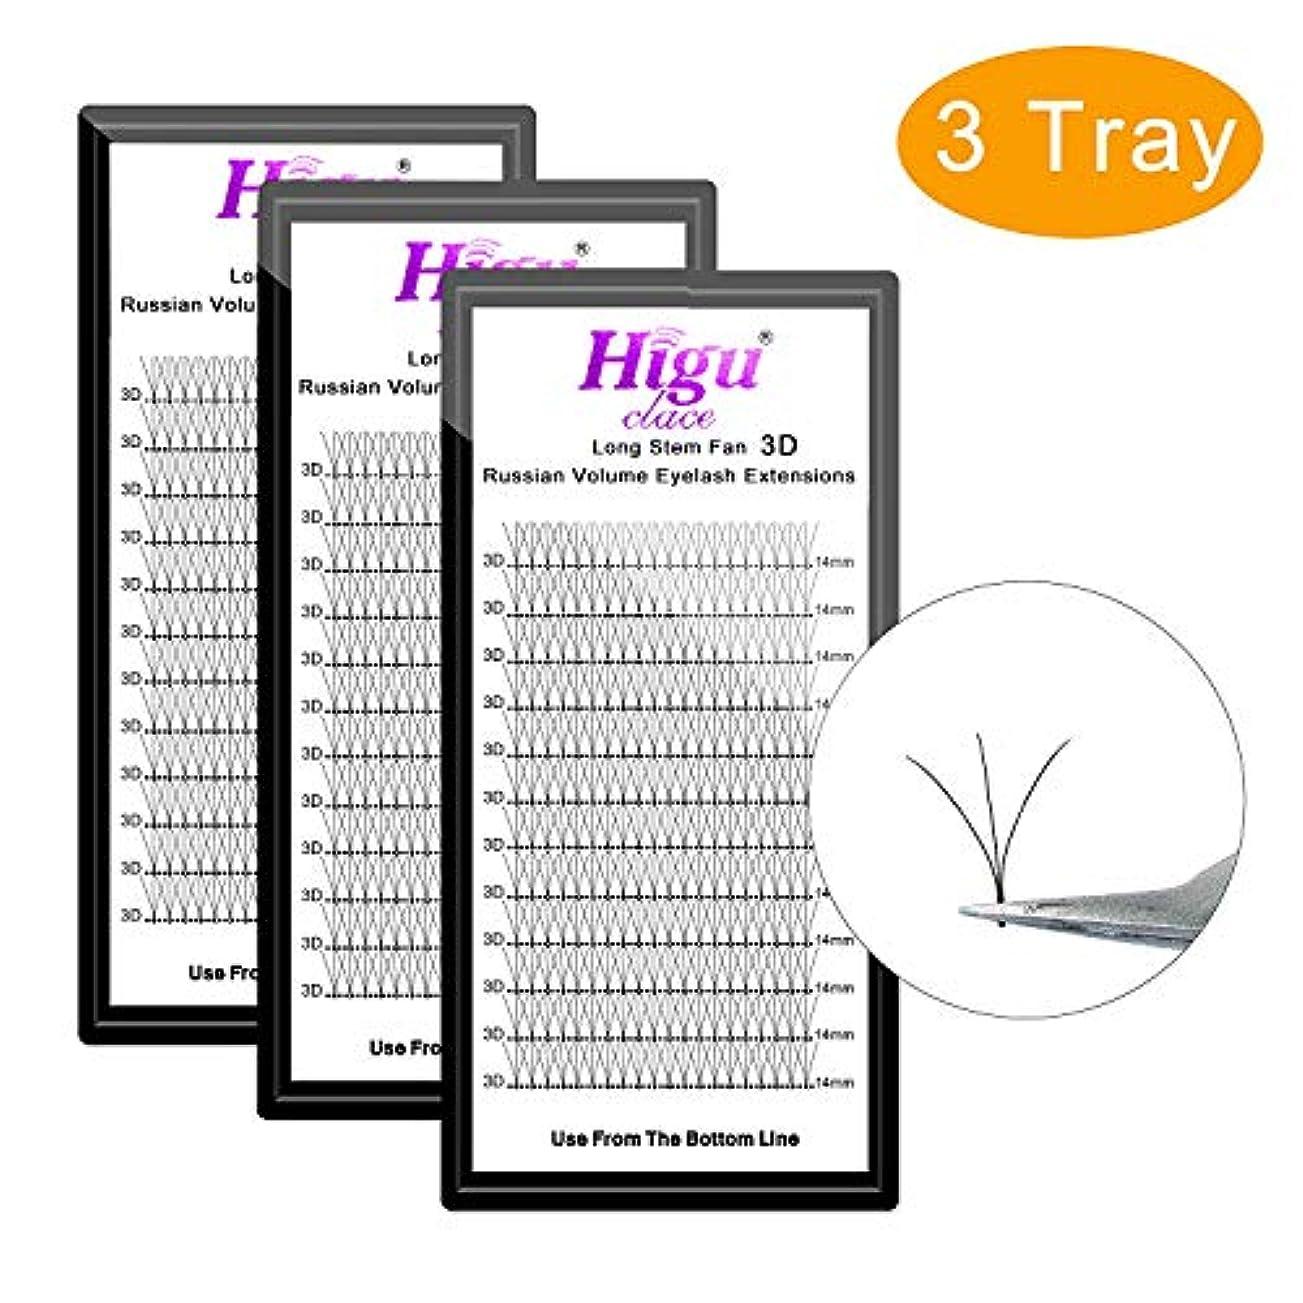 真剣に分析する泣く3 Tray 3D D 11m+12mm+13mm Long Stem Fans